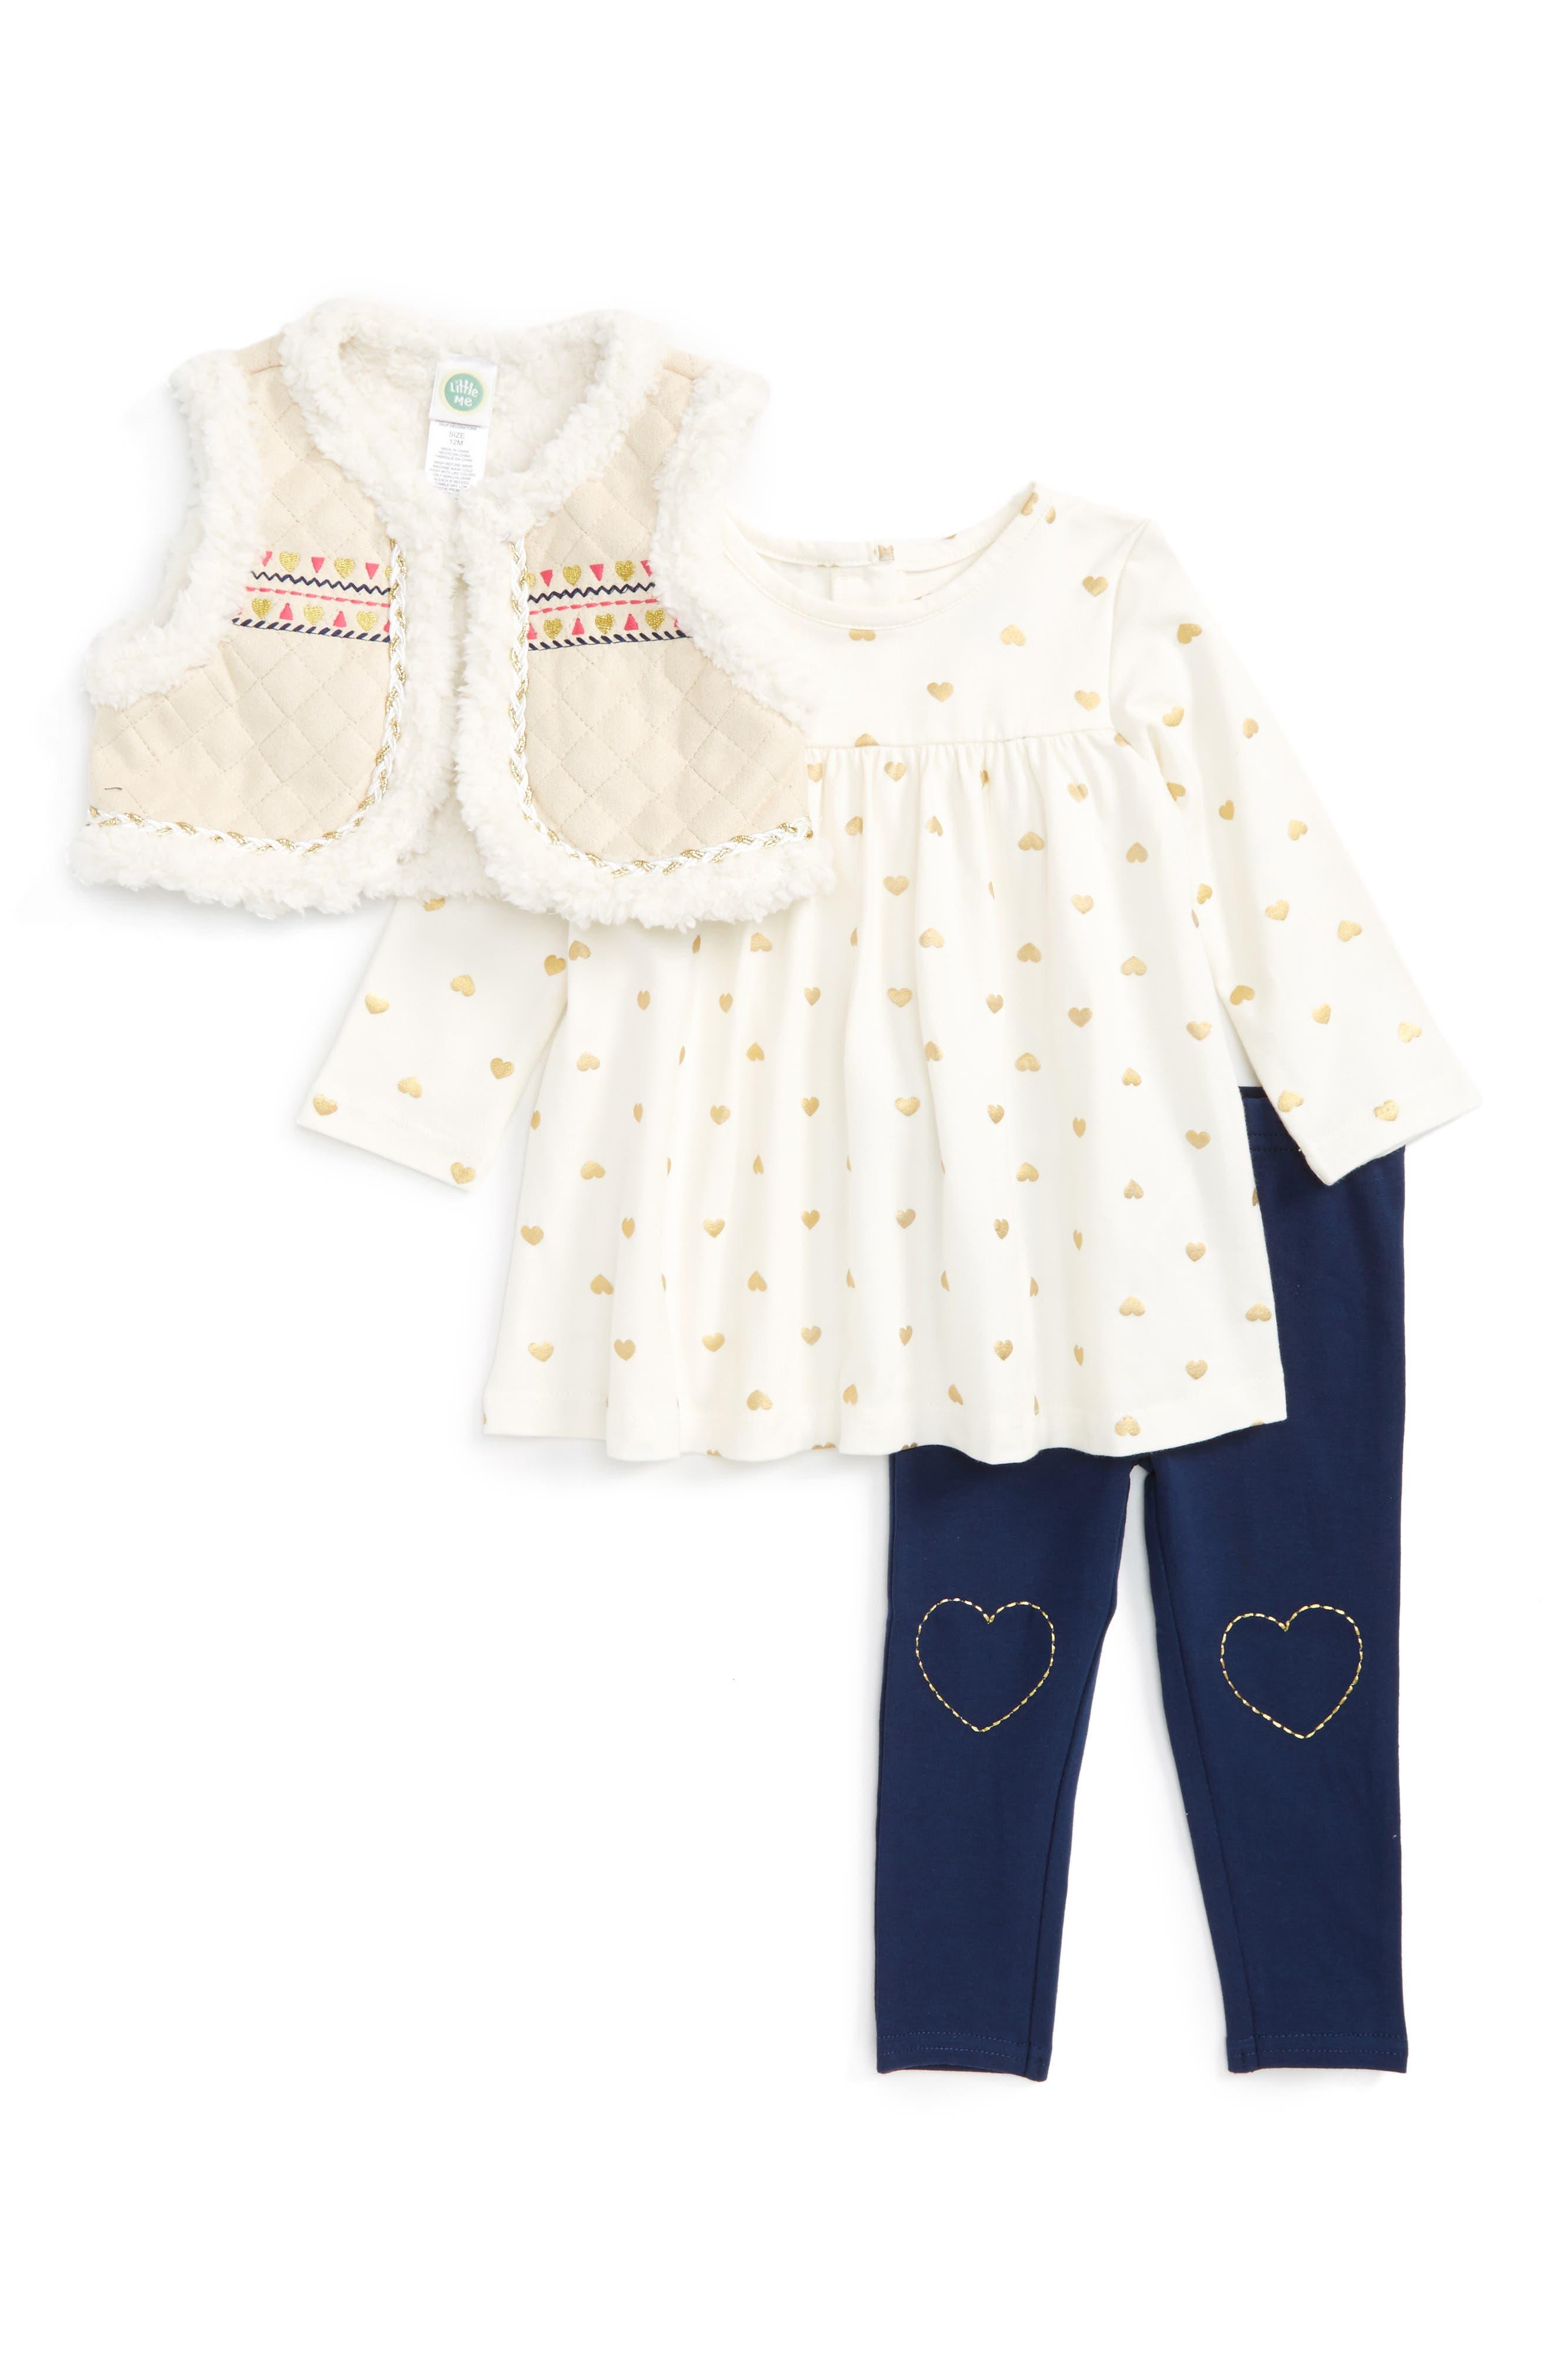 Main Image - Little Me Vest, Long Sleeve Shirt & Leggings Set (Baby Girls)